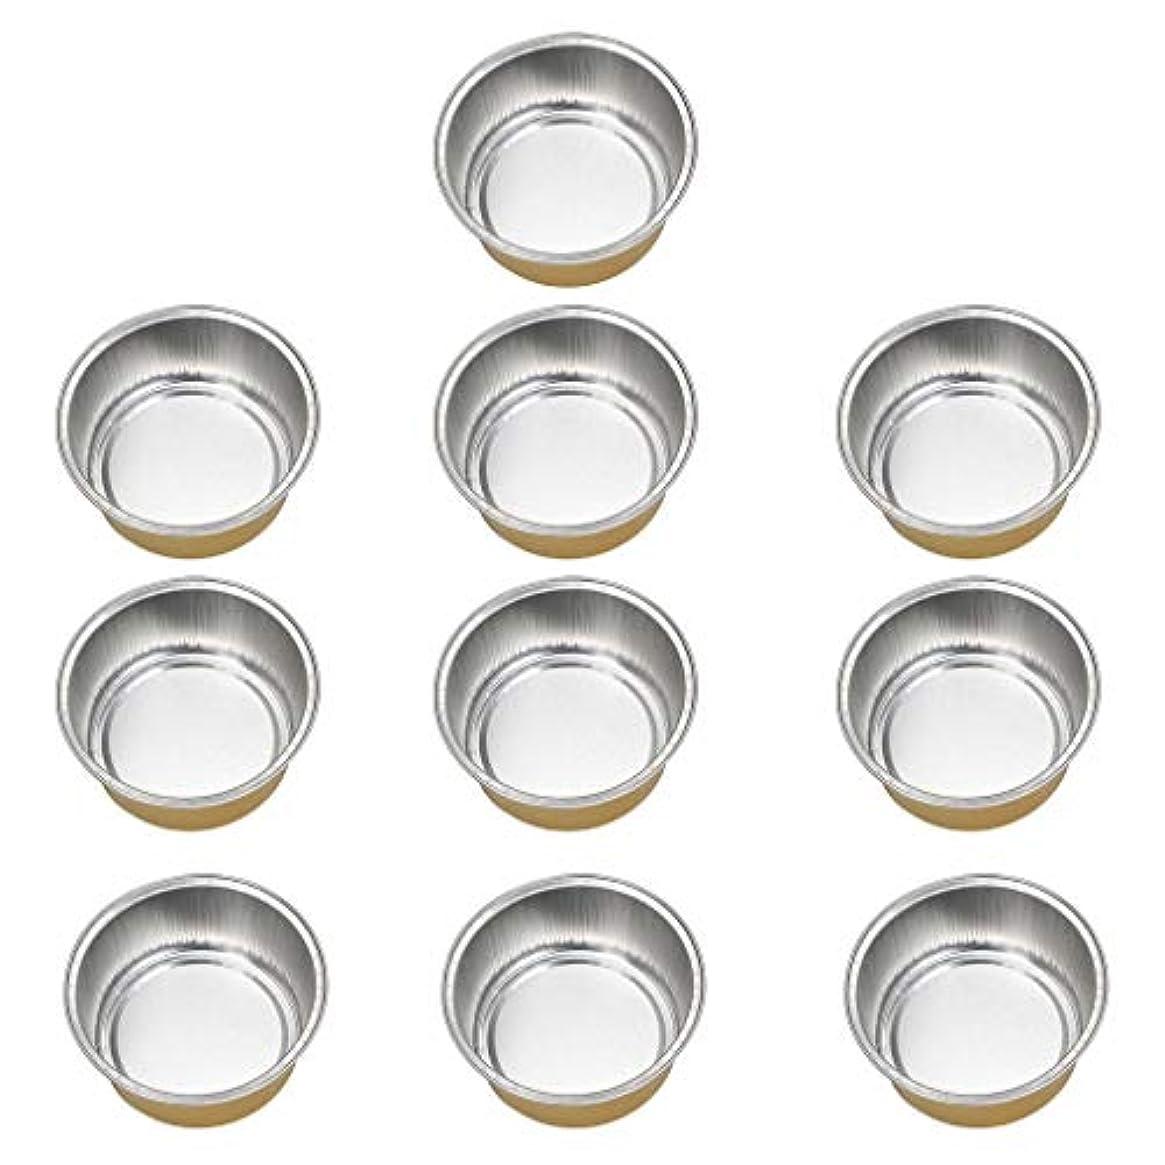 うなるいつでもにおいFLAMEER 10個 ワックスボウル ミニボウル アルミホイルボウル ワックス豆体 溶融 衛生的 2種選ぶ - ゴールデン2, 02